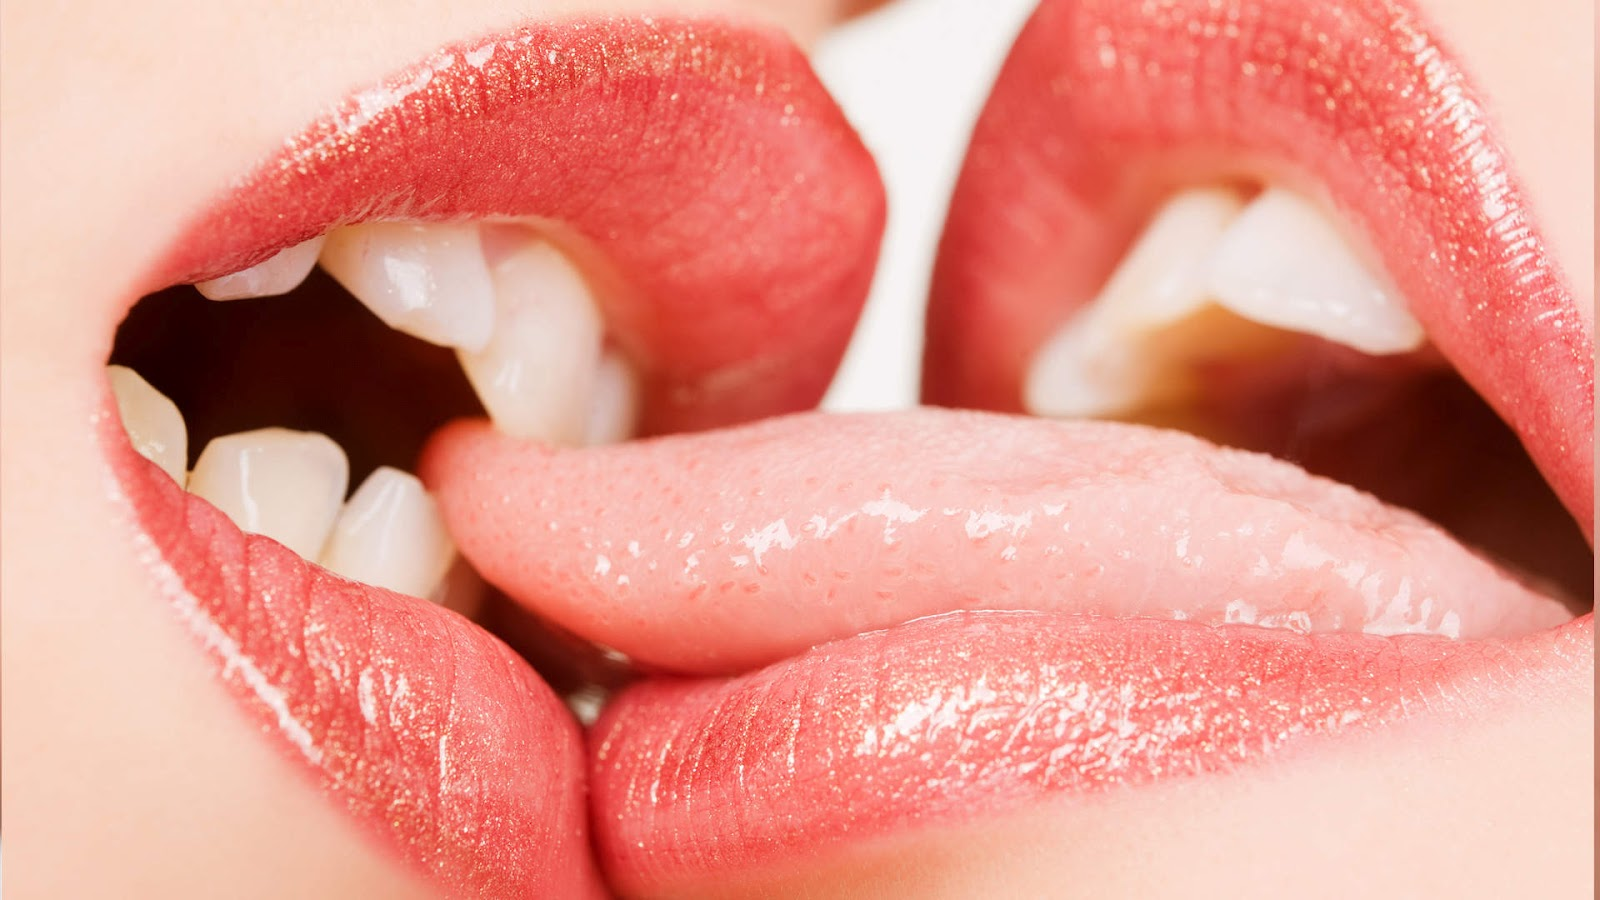 http://4.bp.blogspot.com/-aiZhHF5ZDWw/T-5LT5VcWxI/AAAAAAAAFKA/gcMiP4DenO8/s1600/pink+two+lips+women.jpg